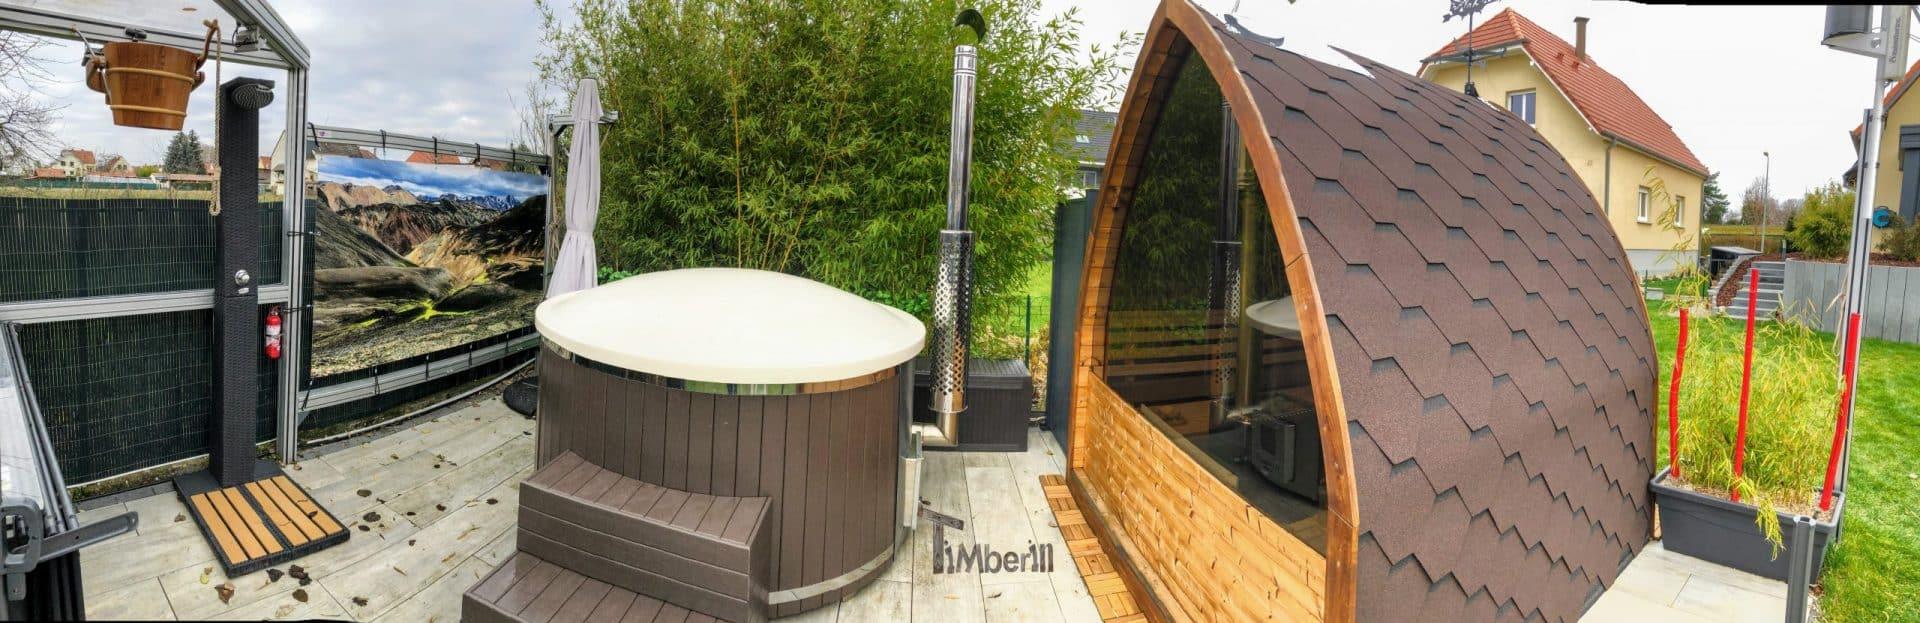 Aussensauna Gartensauna Iglu Pod mit Holzofen Elektrisch 2 1 scaled